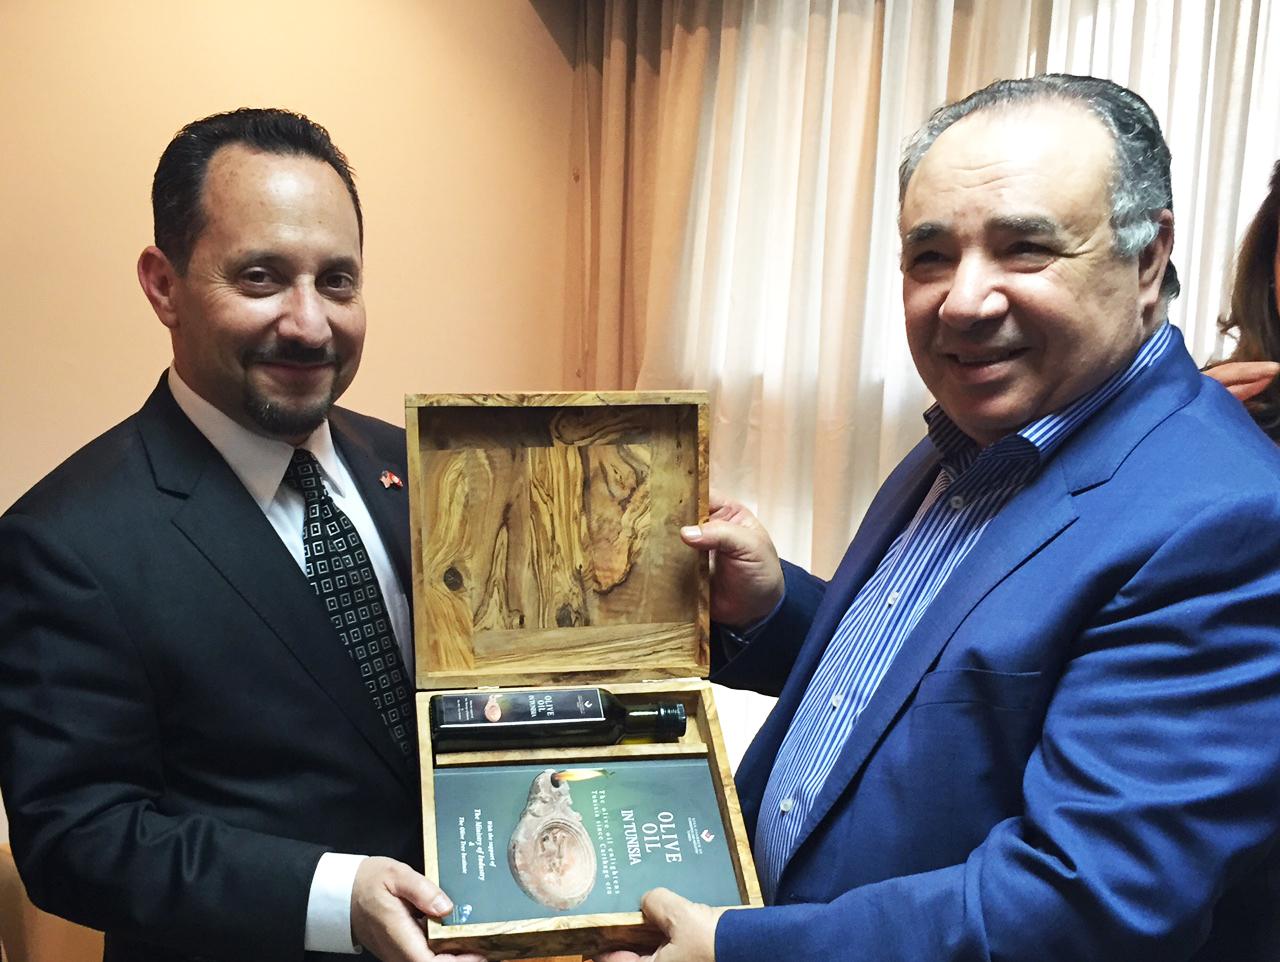 (Français) L'Ambassadeur des USA à Tunis en visite à Sfax et à la CCIS